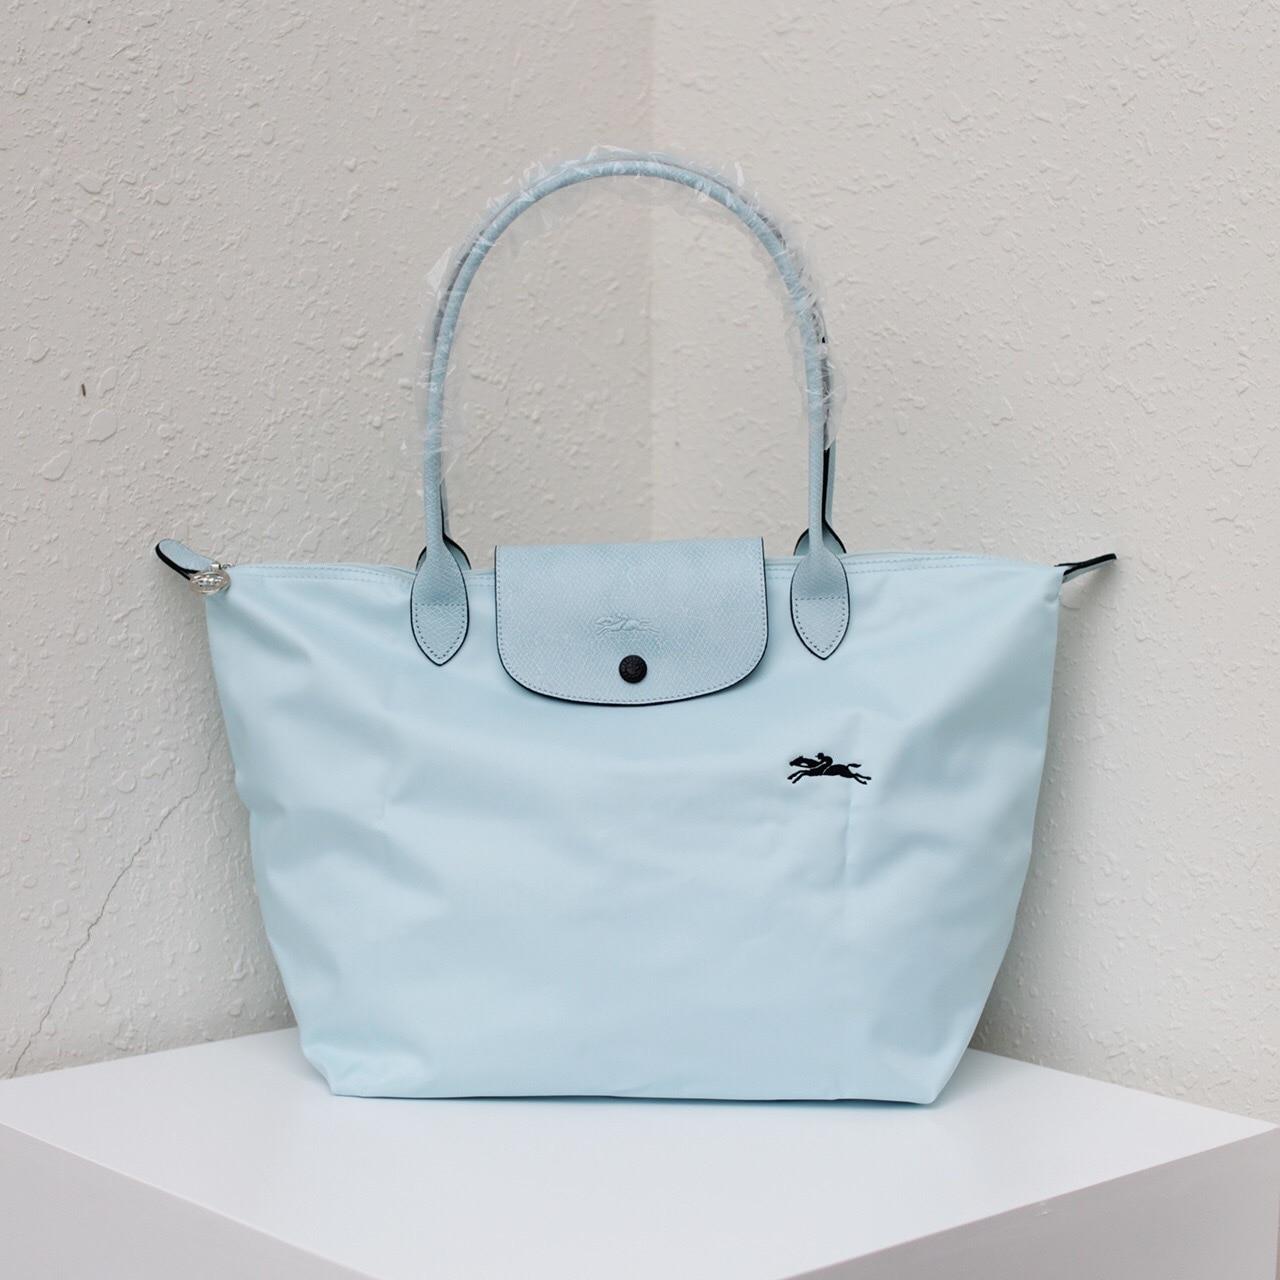 Işlemeli at taşınabilir tek omuz hamur çanta Oxford kumaş ile inek derisi hamur çanta su geçirmez Tote banliyö kadın çantası